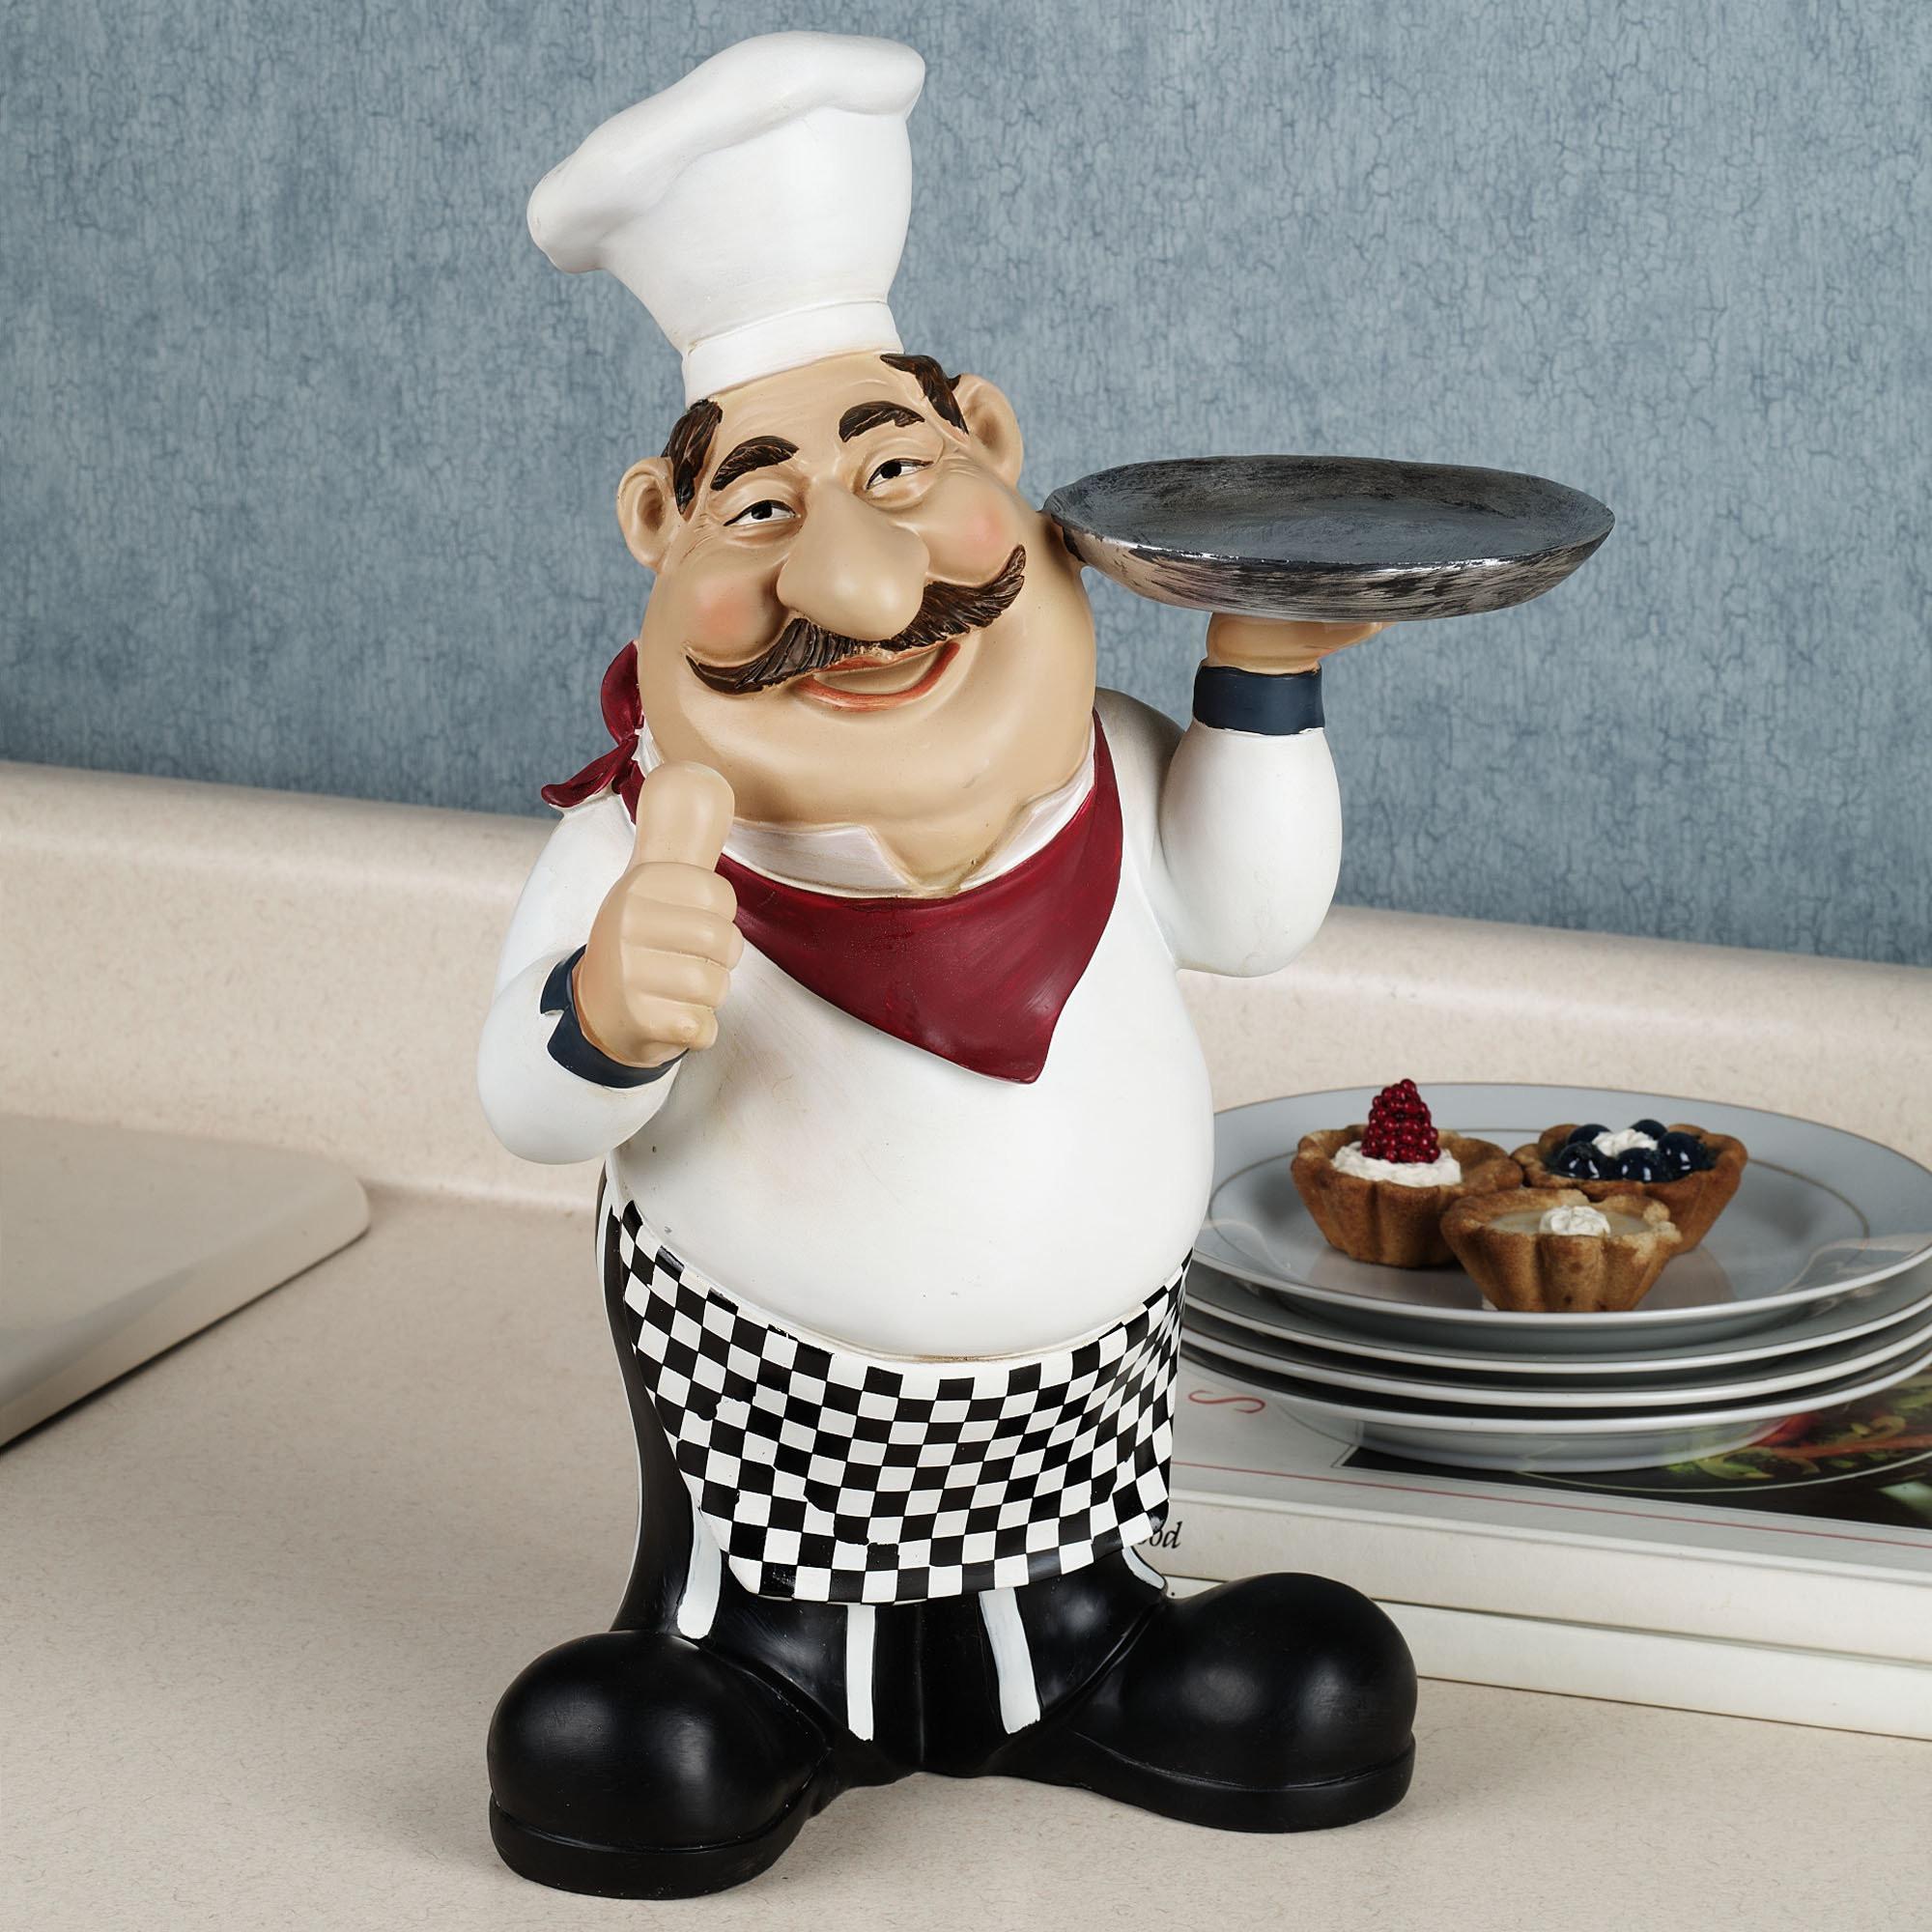 Best ideas about Chef Kitchen Decor Accessories . Save or Pin Chef Kitchen Accessories Decor Now.